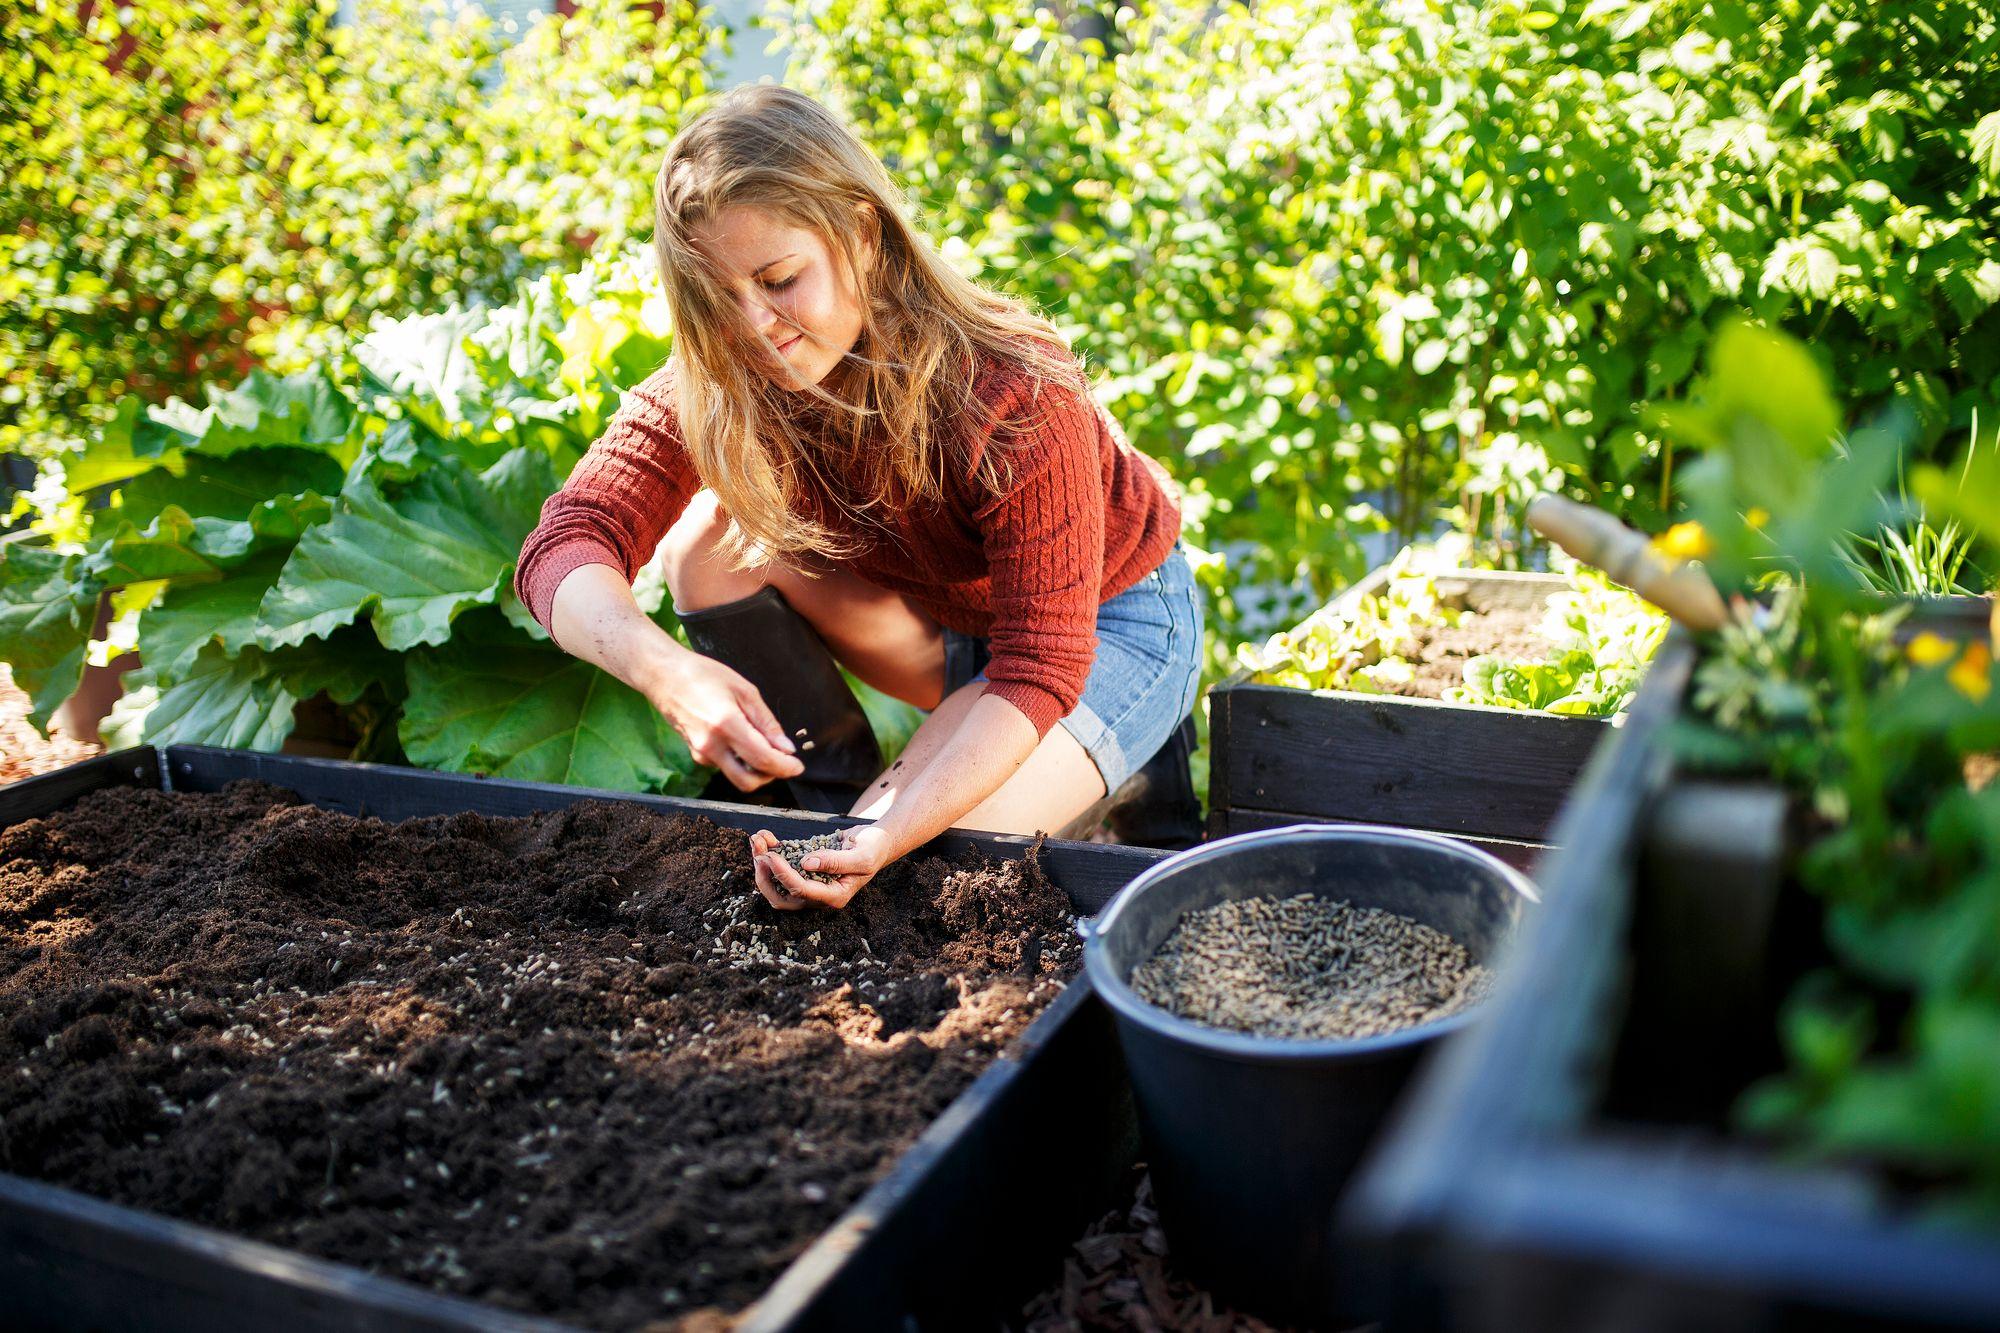 Lavaviljely on kompakti tapa kasvattaa yrttejä, salaattia ja muita kasviksia mökillä. Vesi ja lannoitteet pysyvät kauluksen sisällä. Lavat alk. 9 € © Kekkilä